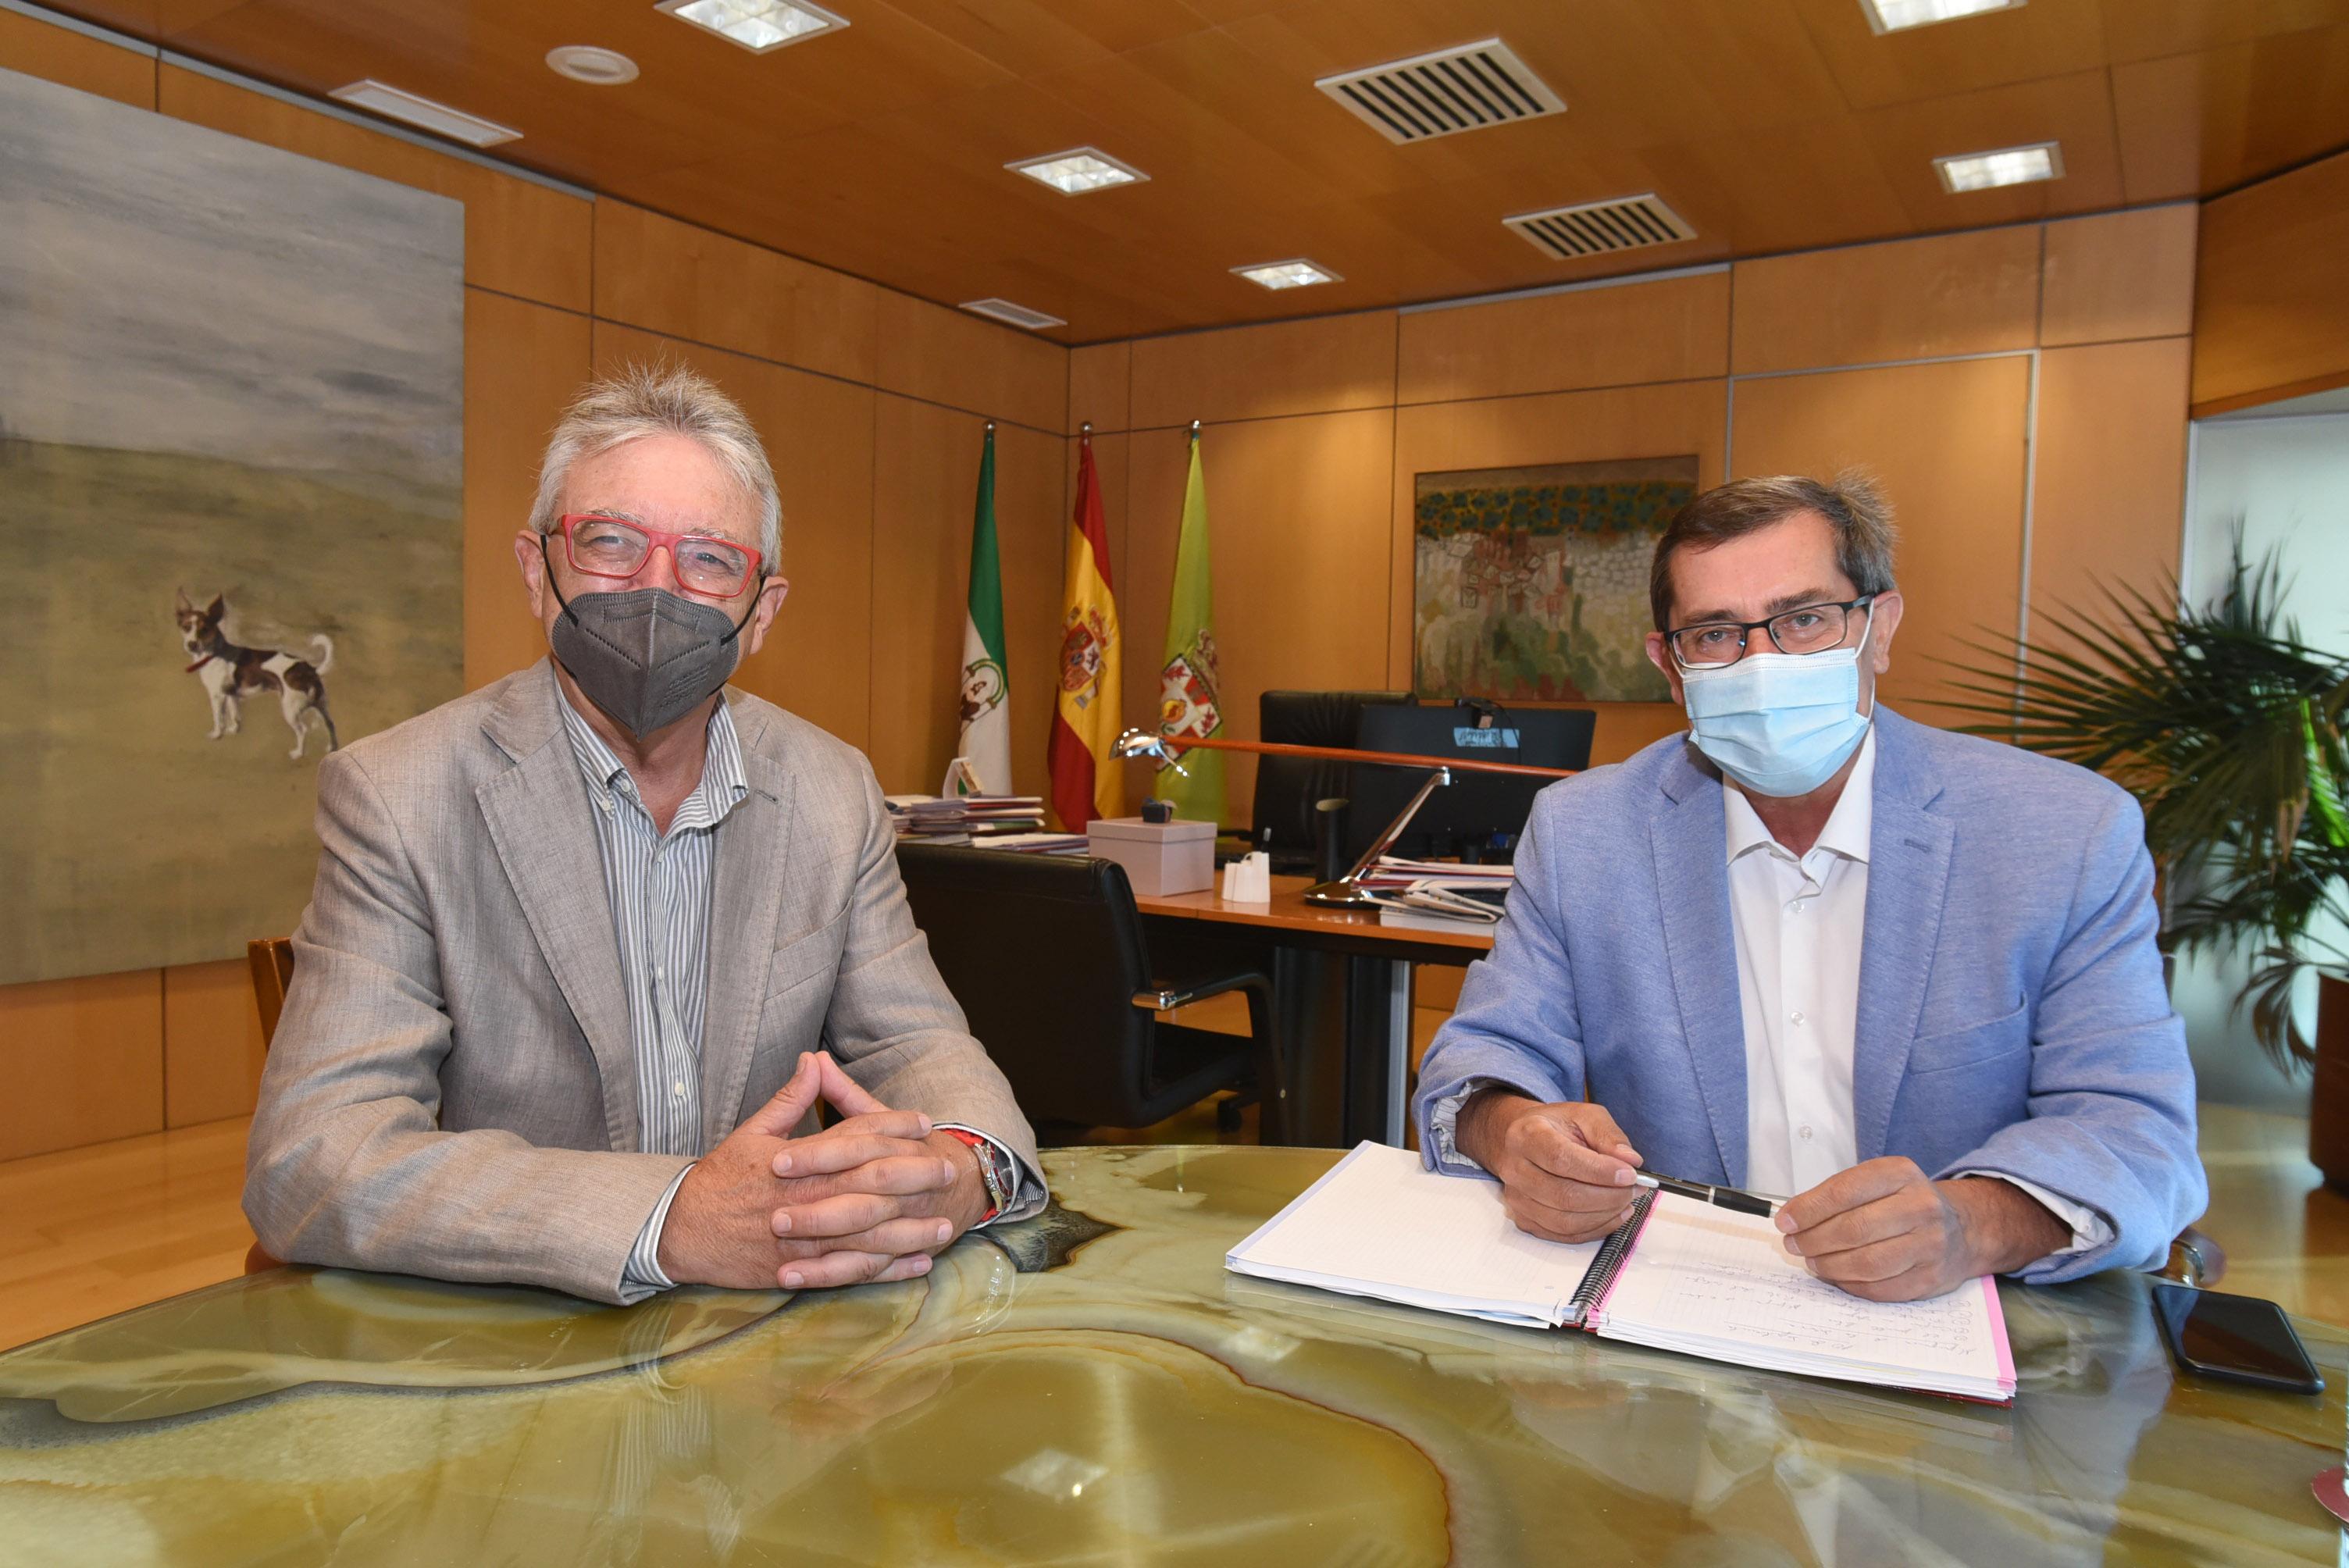 El presidente de la Diputación recibe al nuevo director del Parque de las Ciencias